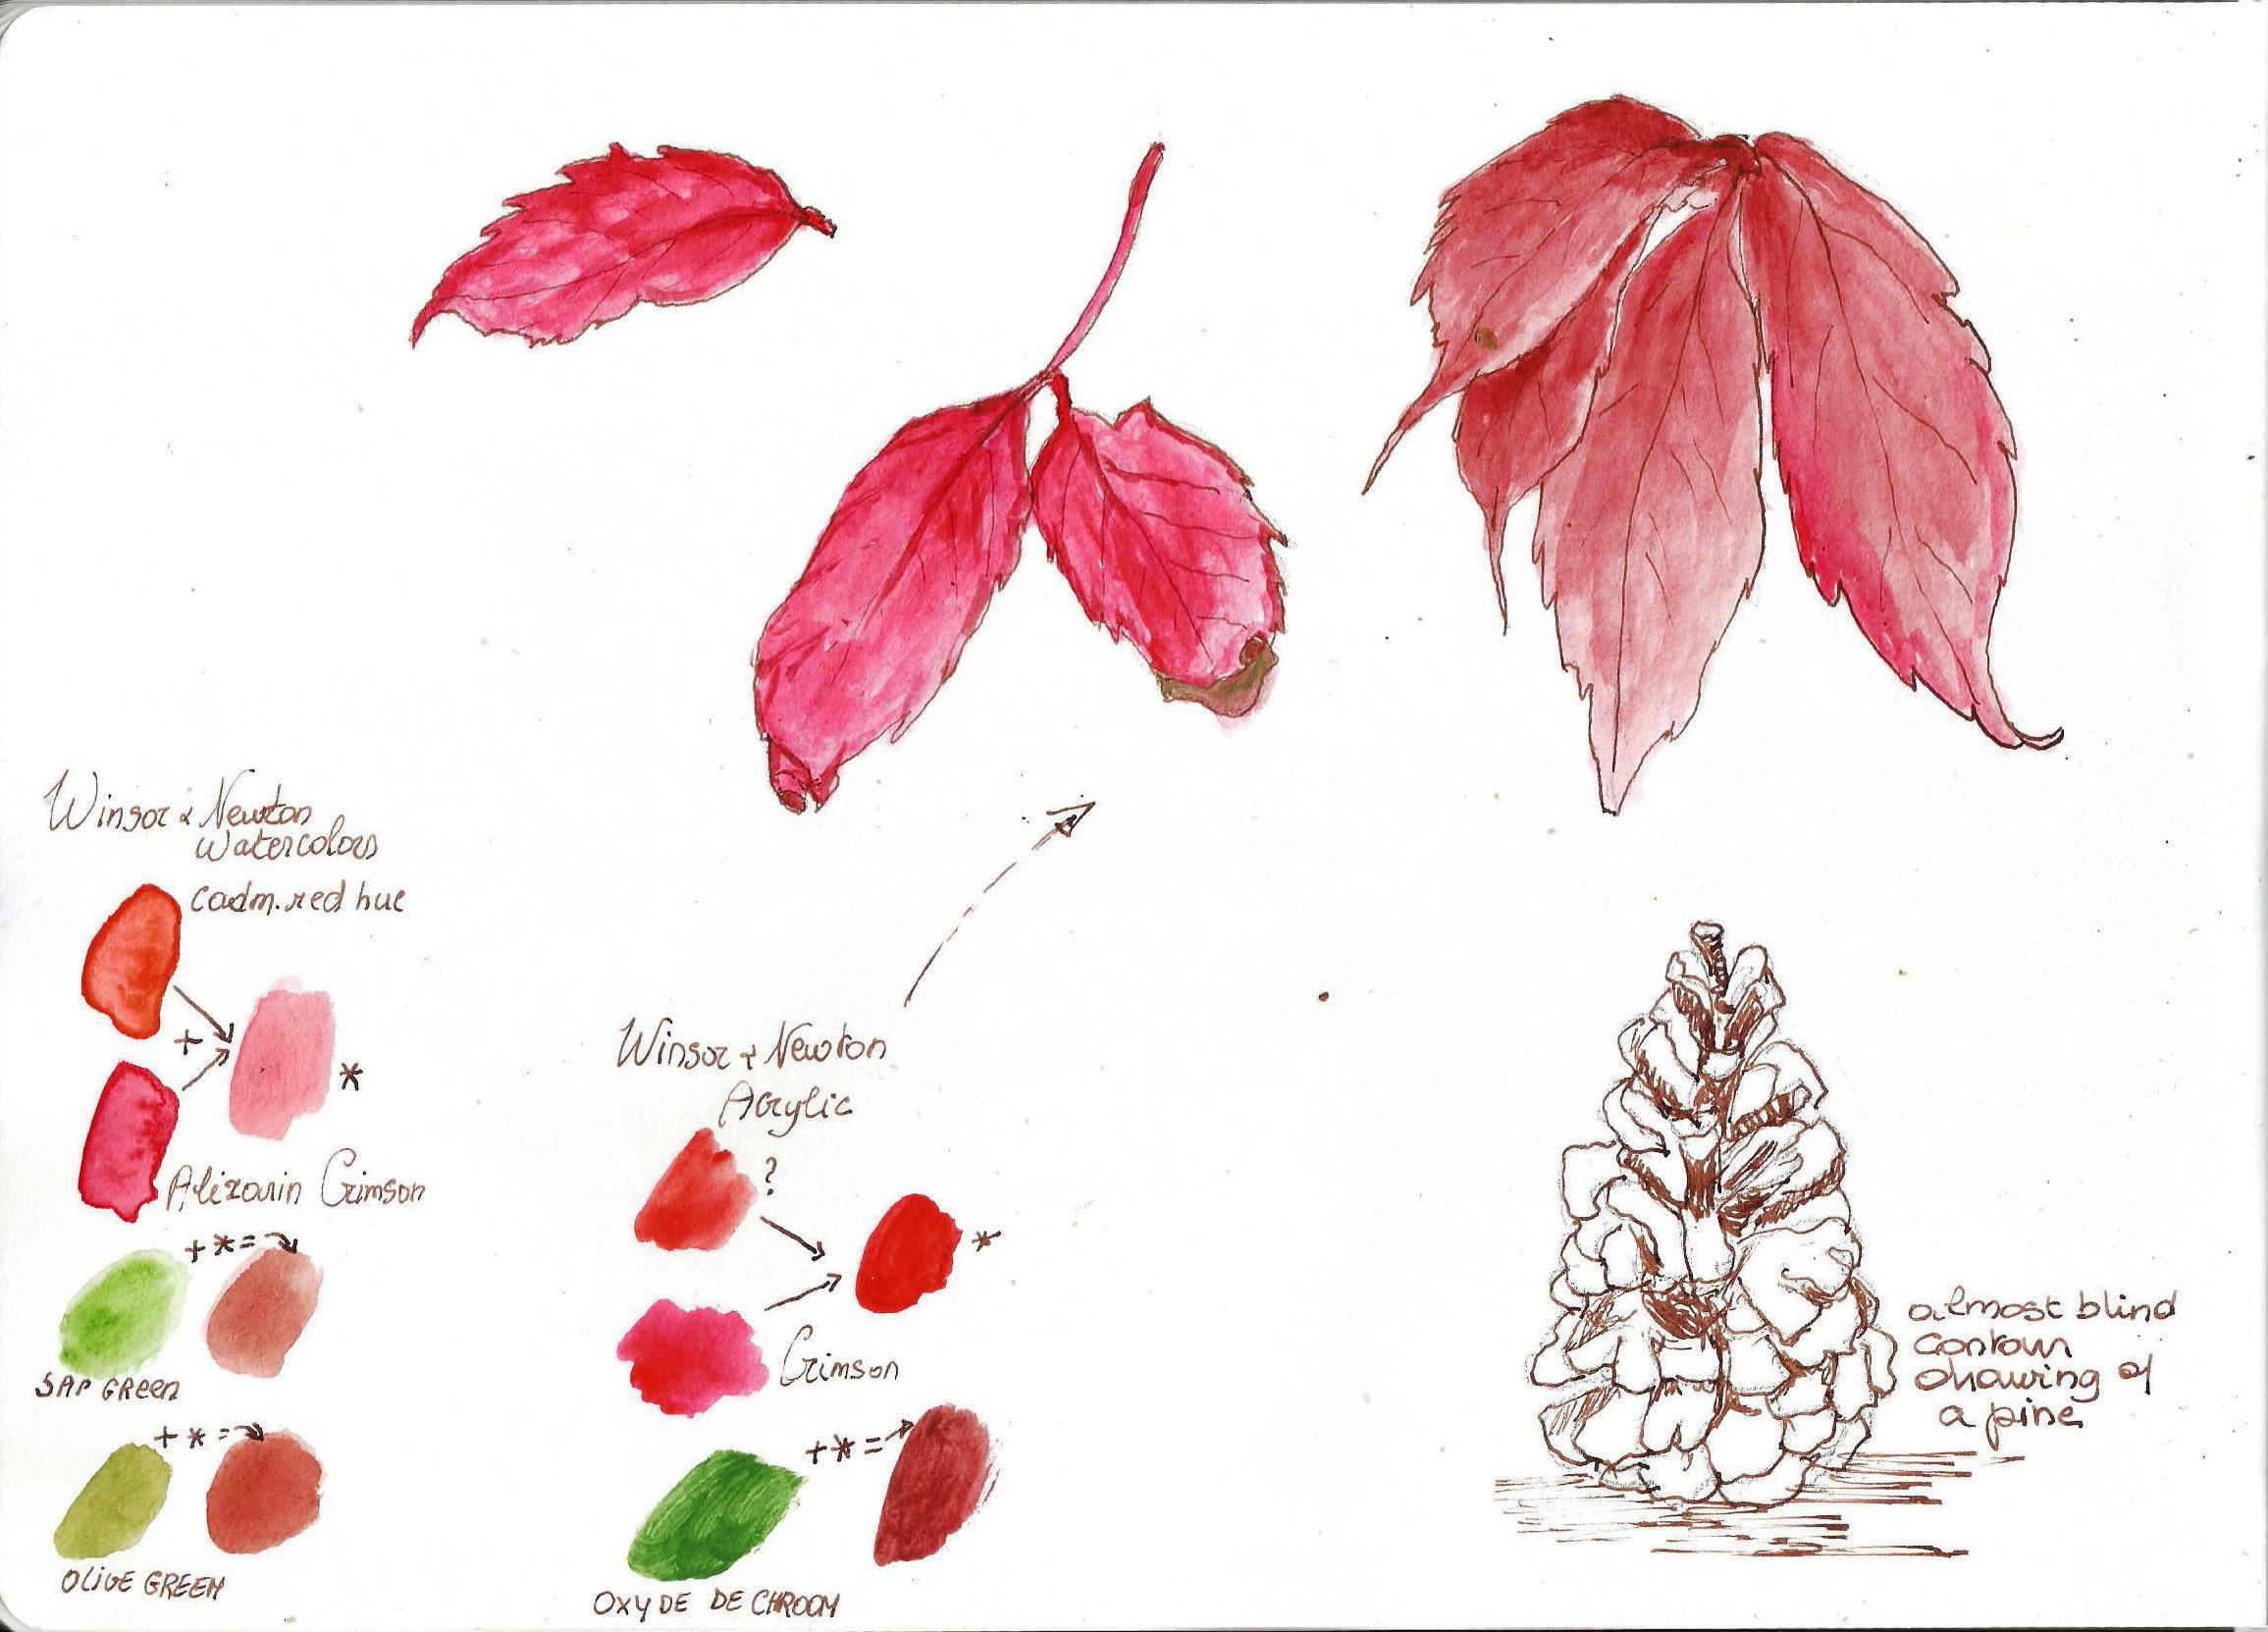 Herfstbladeren 2,  Debora Missoorten, 2017 (Click to enlarge)